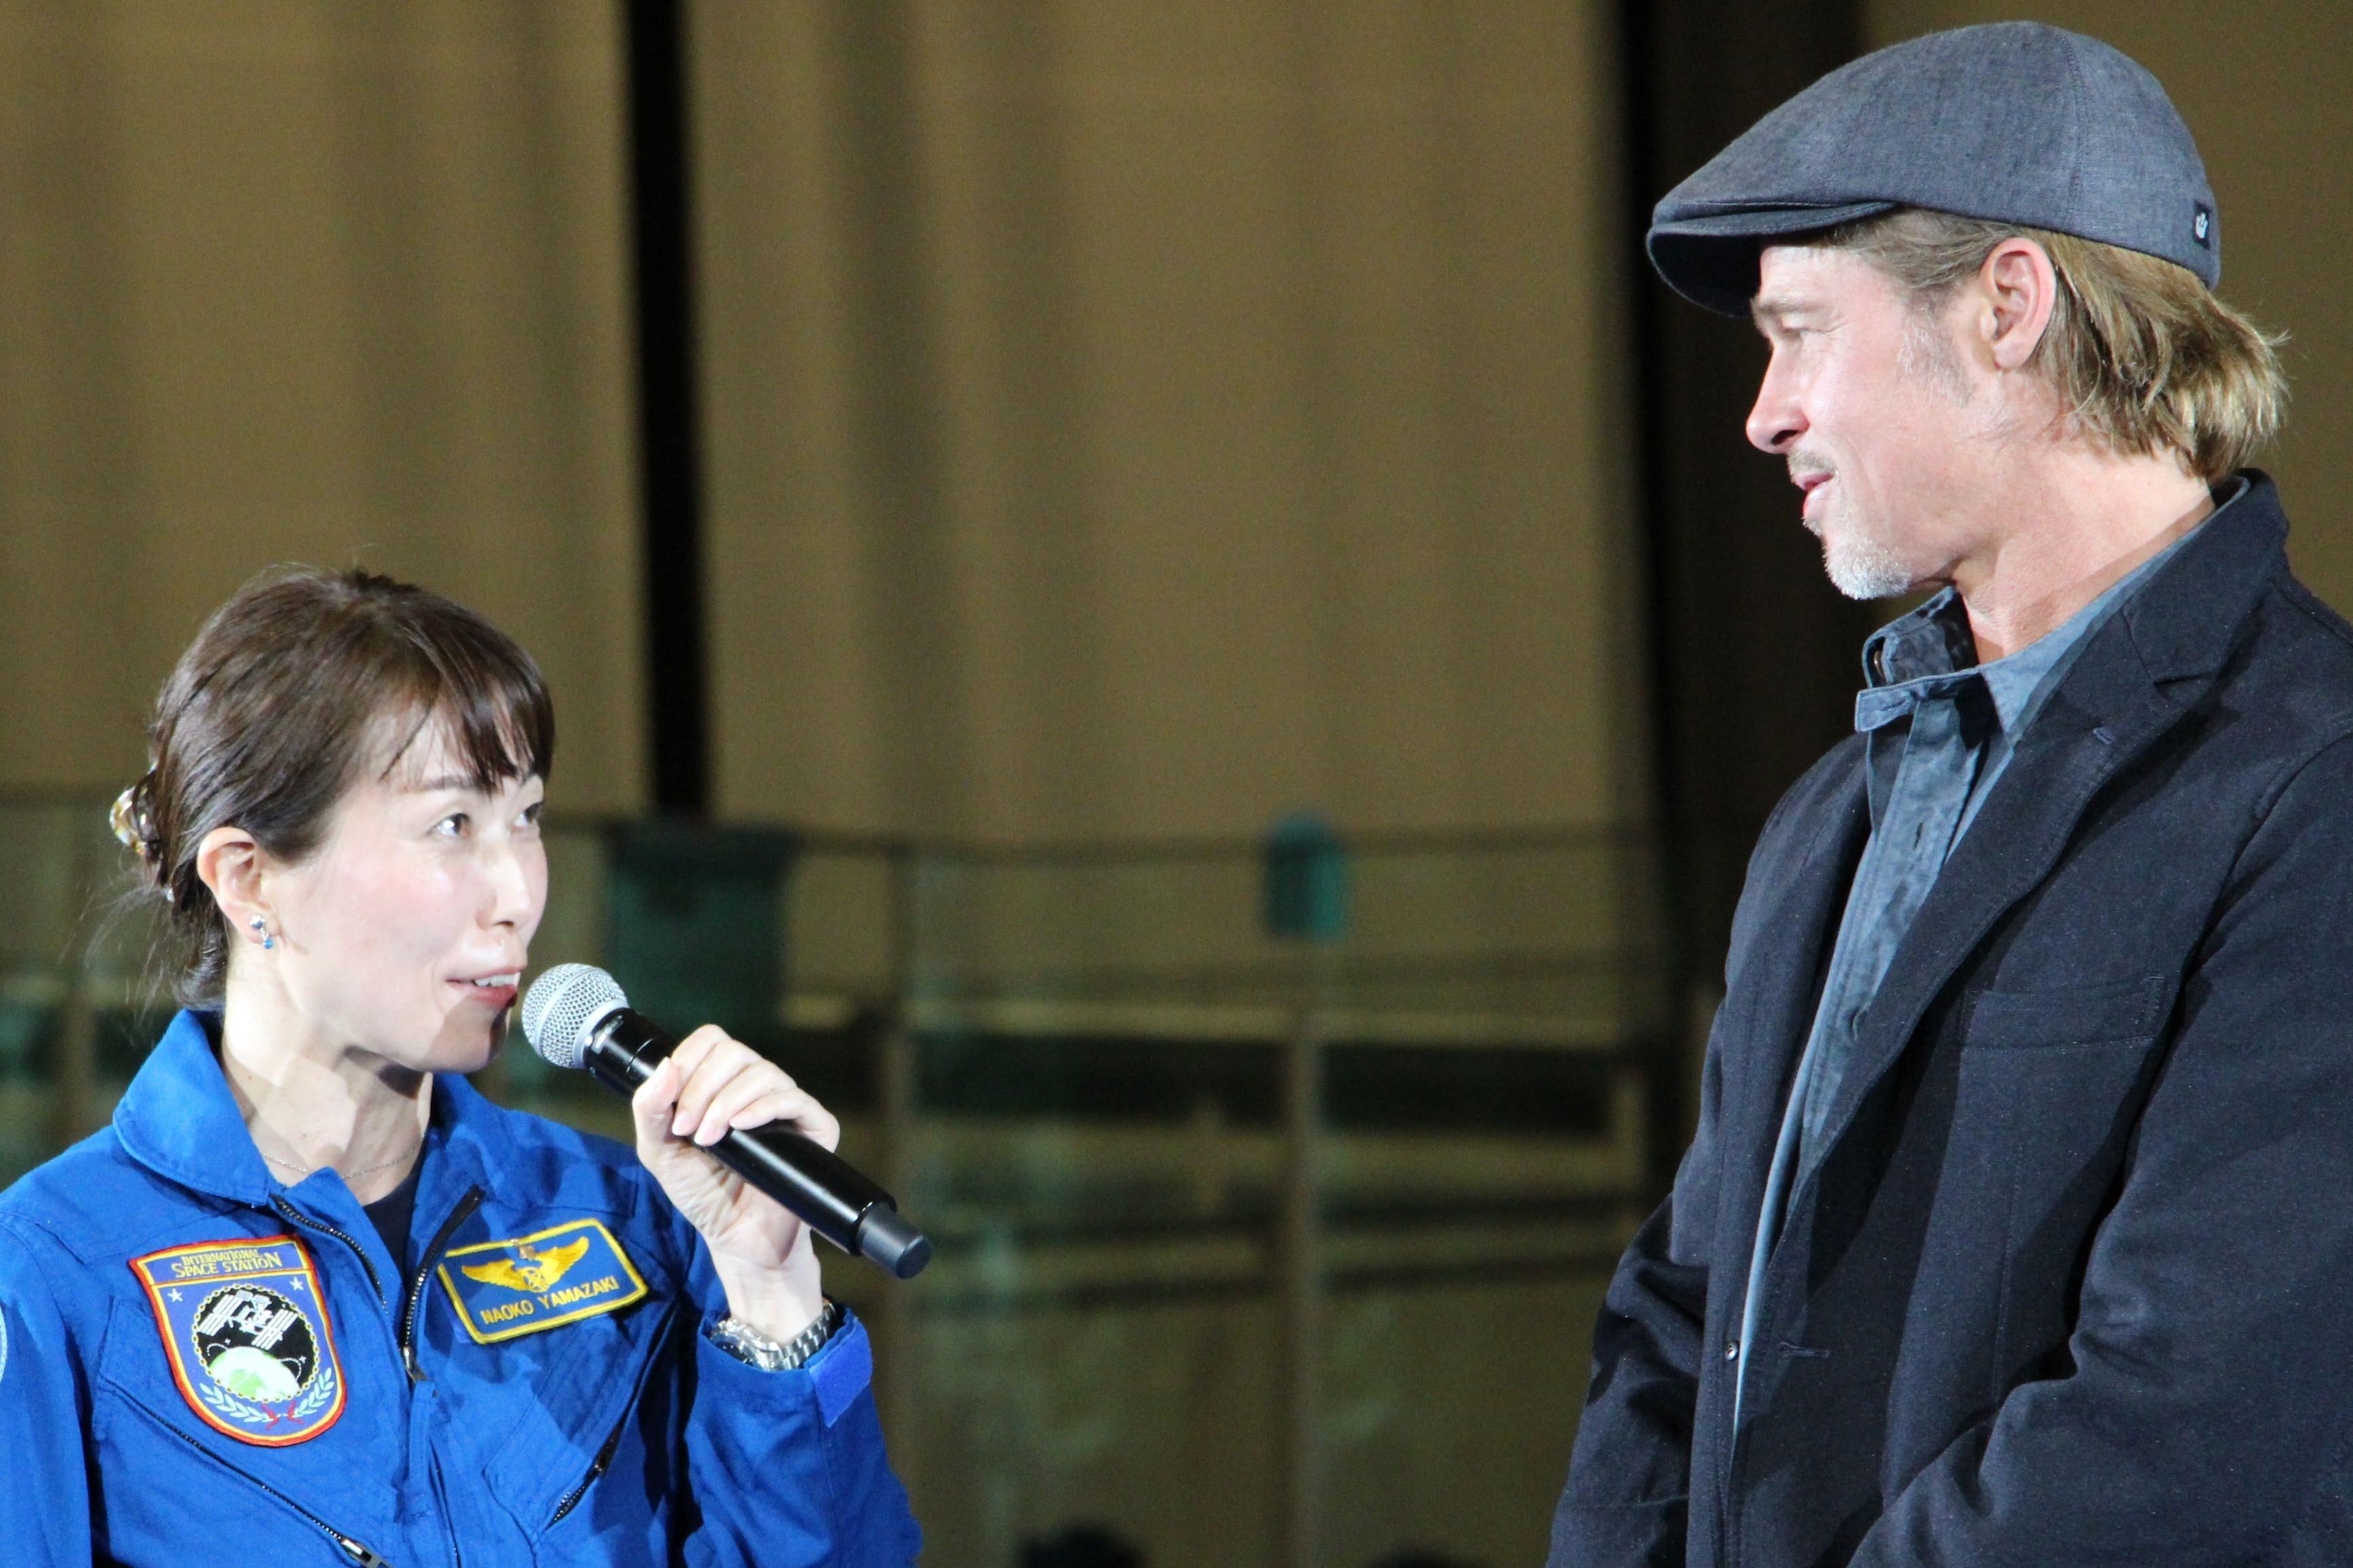 左から、山崎直子氏、ブラッド・ピット